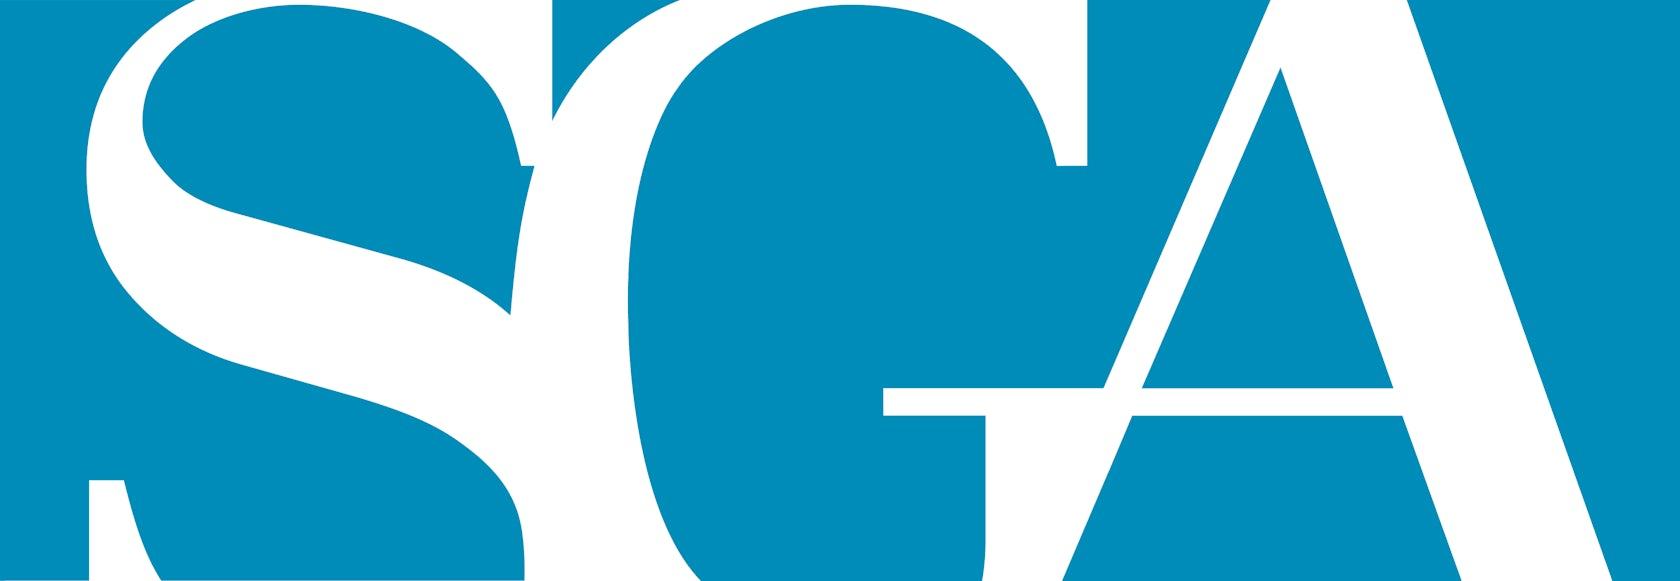 Sga architizer for New york school of interior design mascot